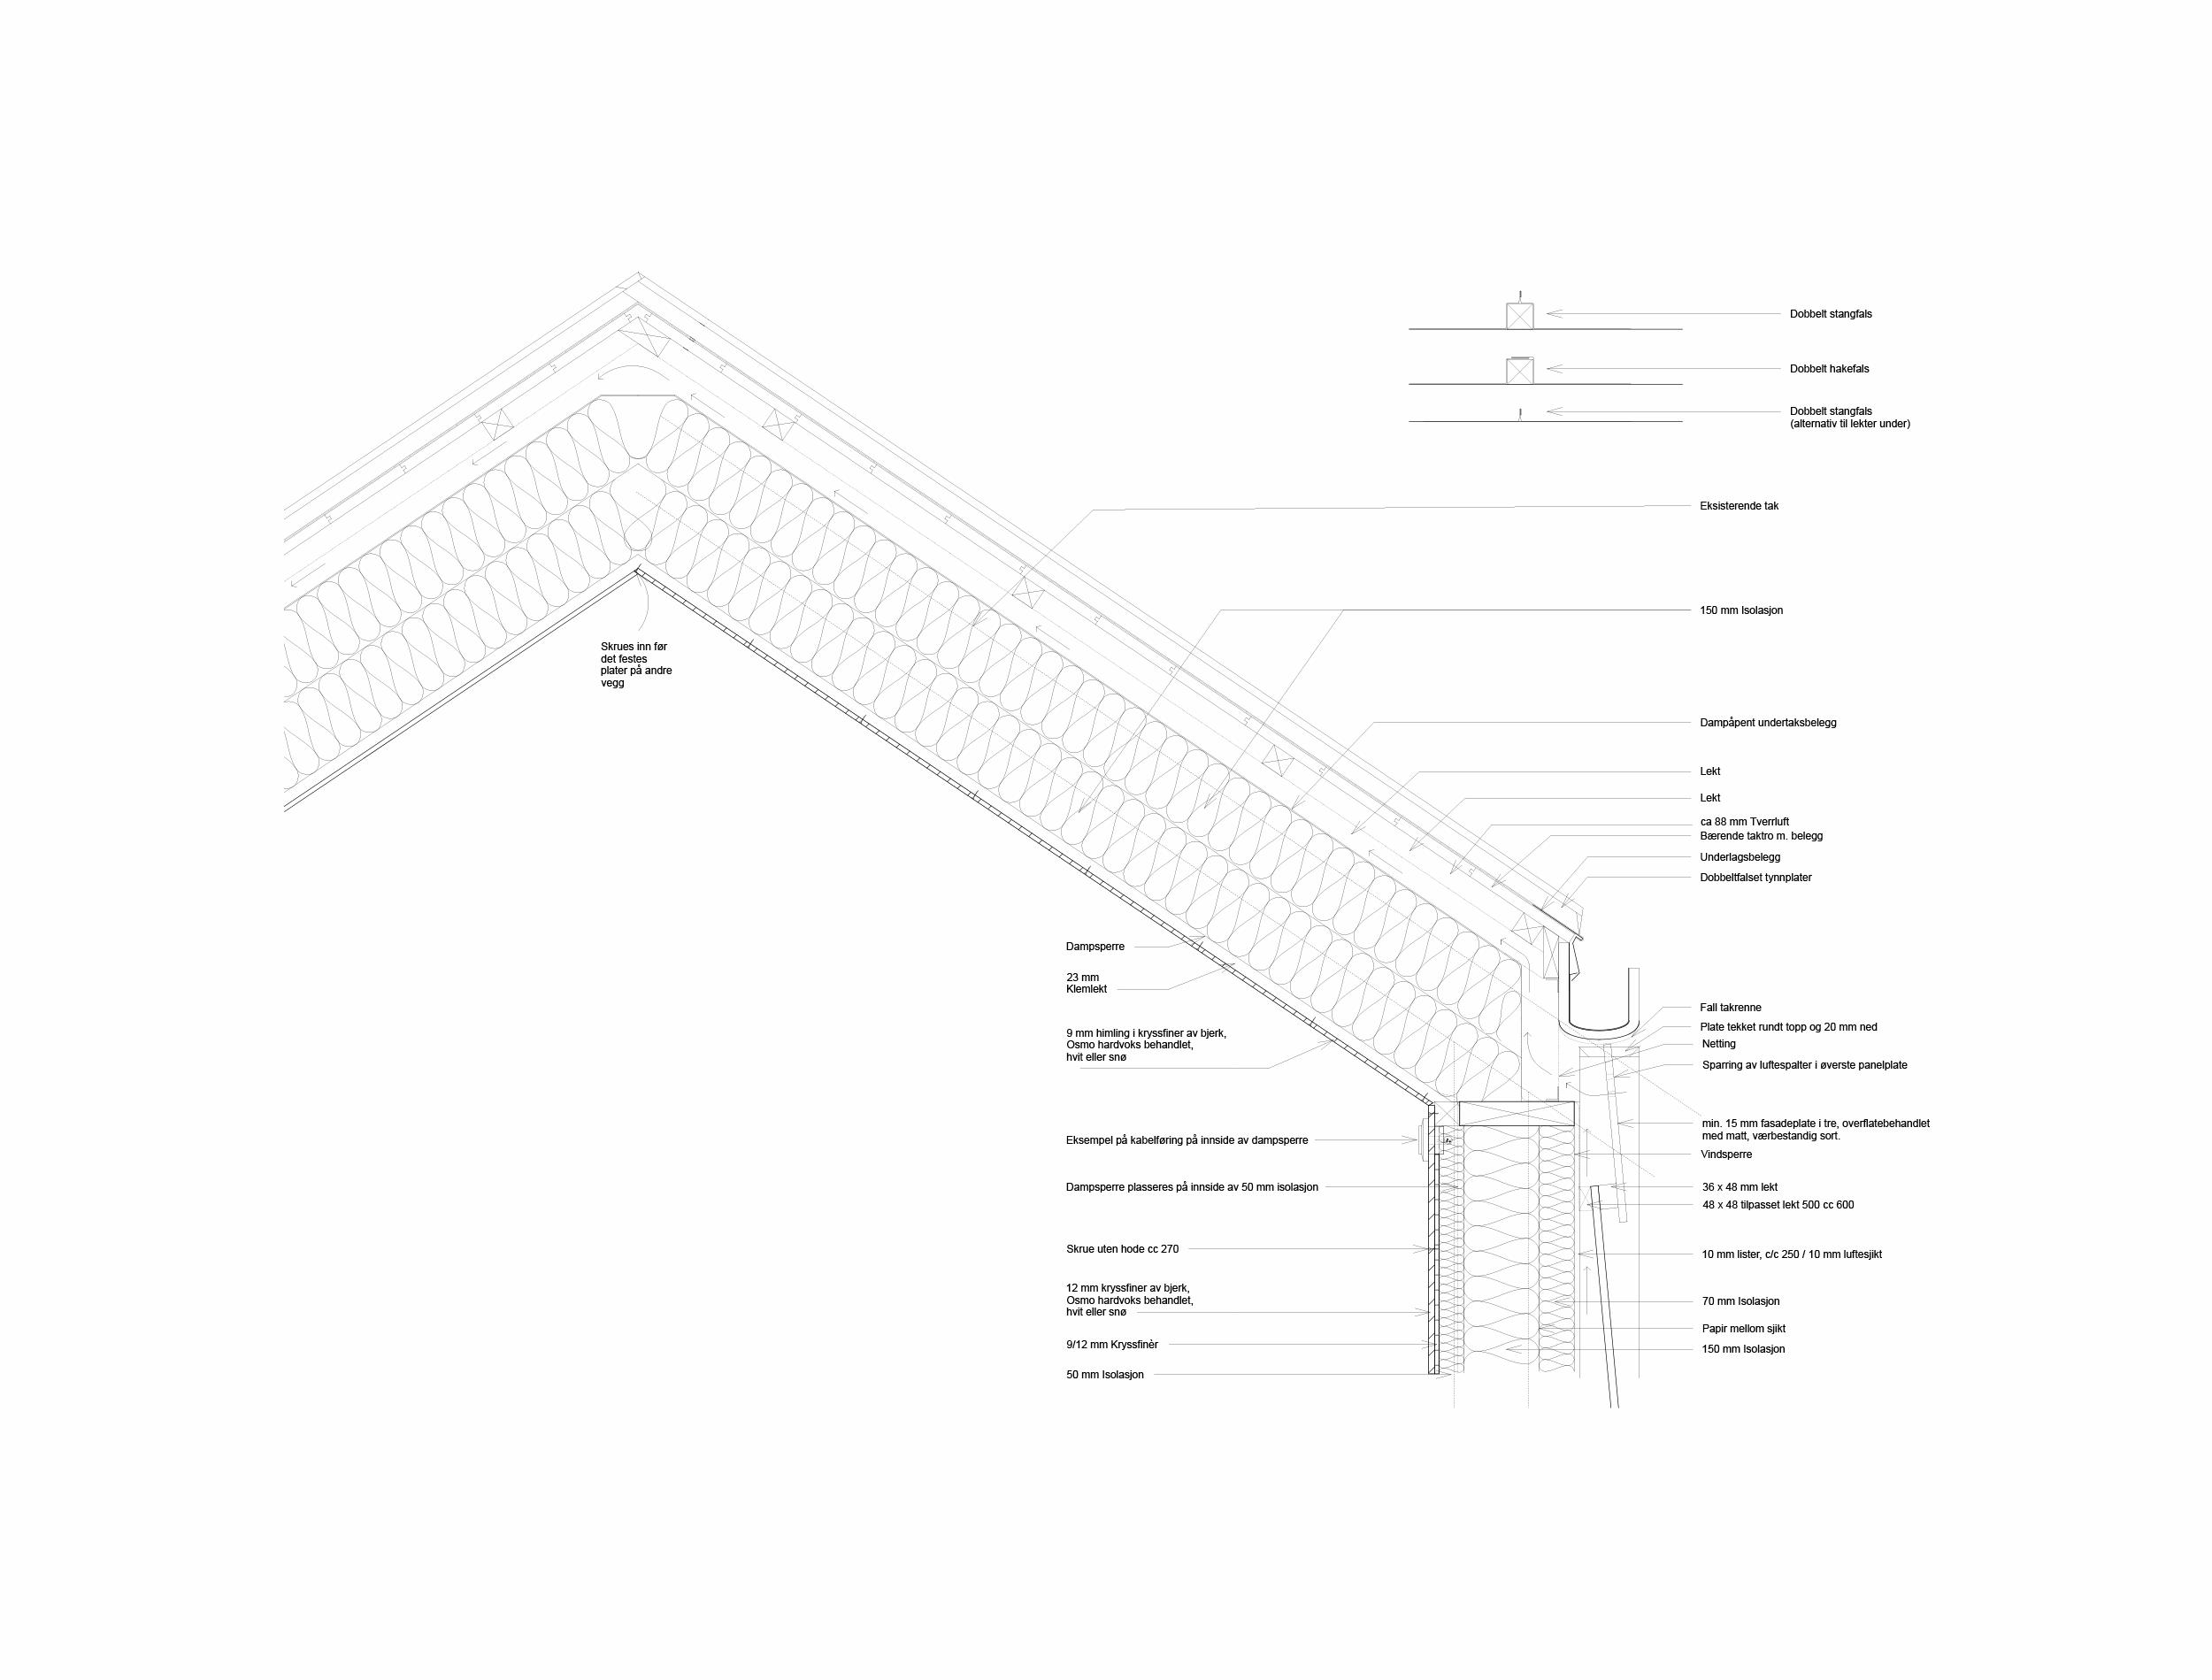 Forunderlig Arkitektur - 1604 - Detalj Tak